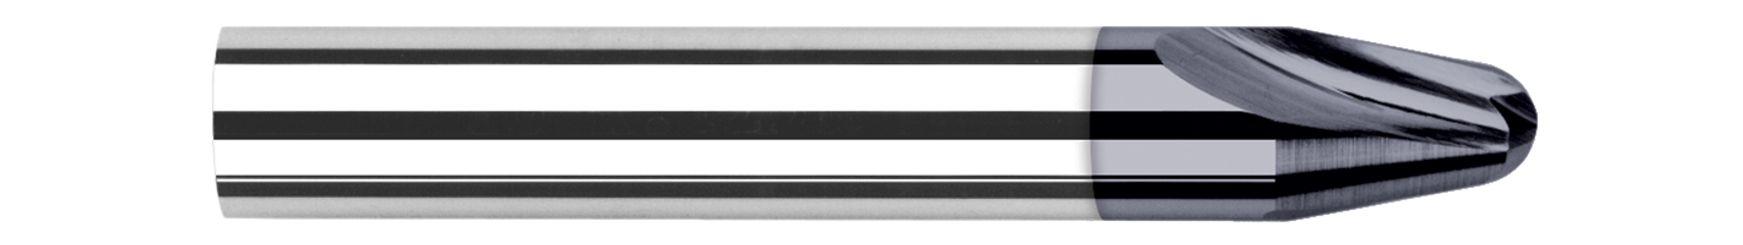 tool-details-934500-C3